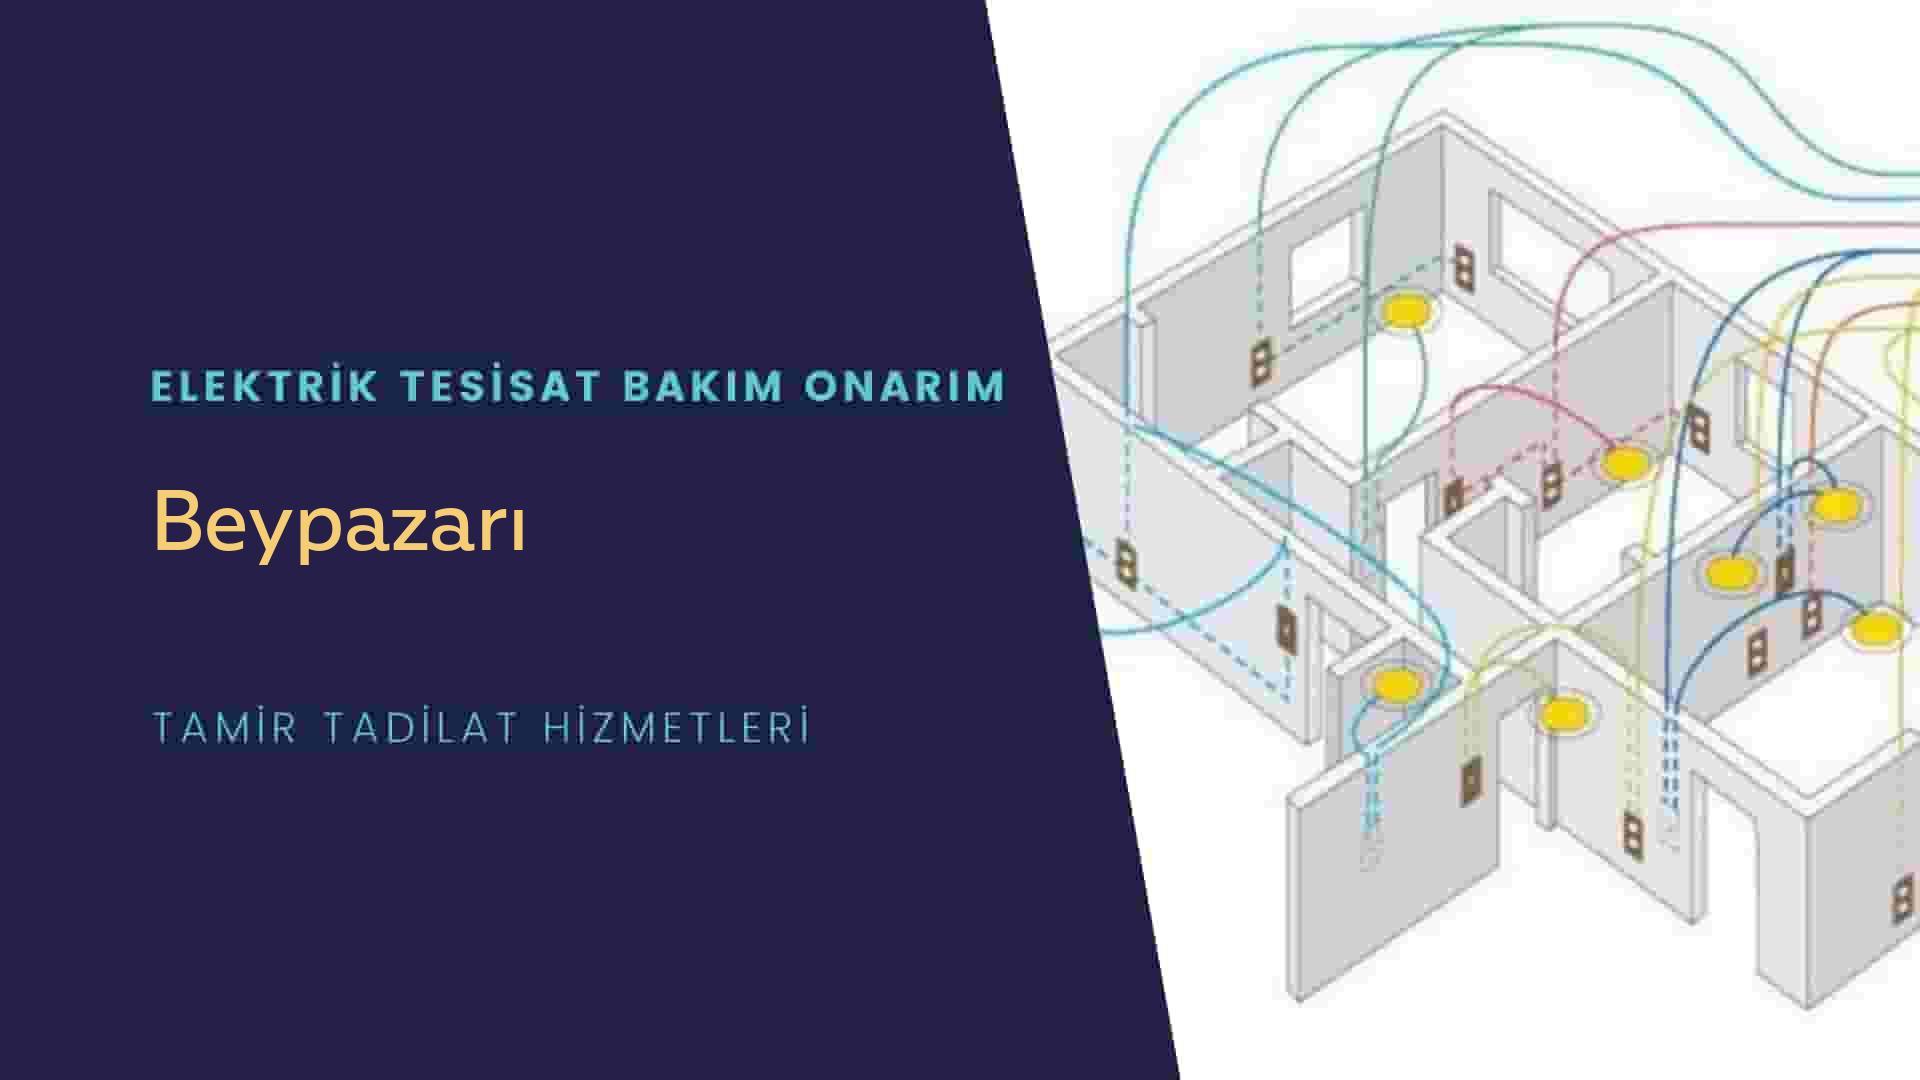 Beypazarı'da elektrik tesisatıustalarımı arıyorsunuz doğru adrestenizi Beypazarı elektrik tesisatı ustalarımız 7/24 sizlere hizmet vermekten mutluluk duyar.